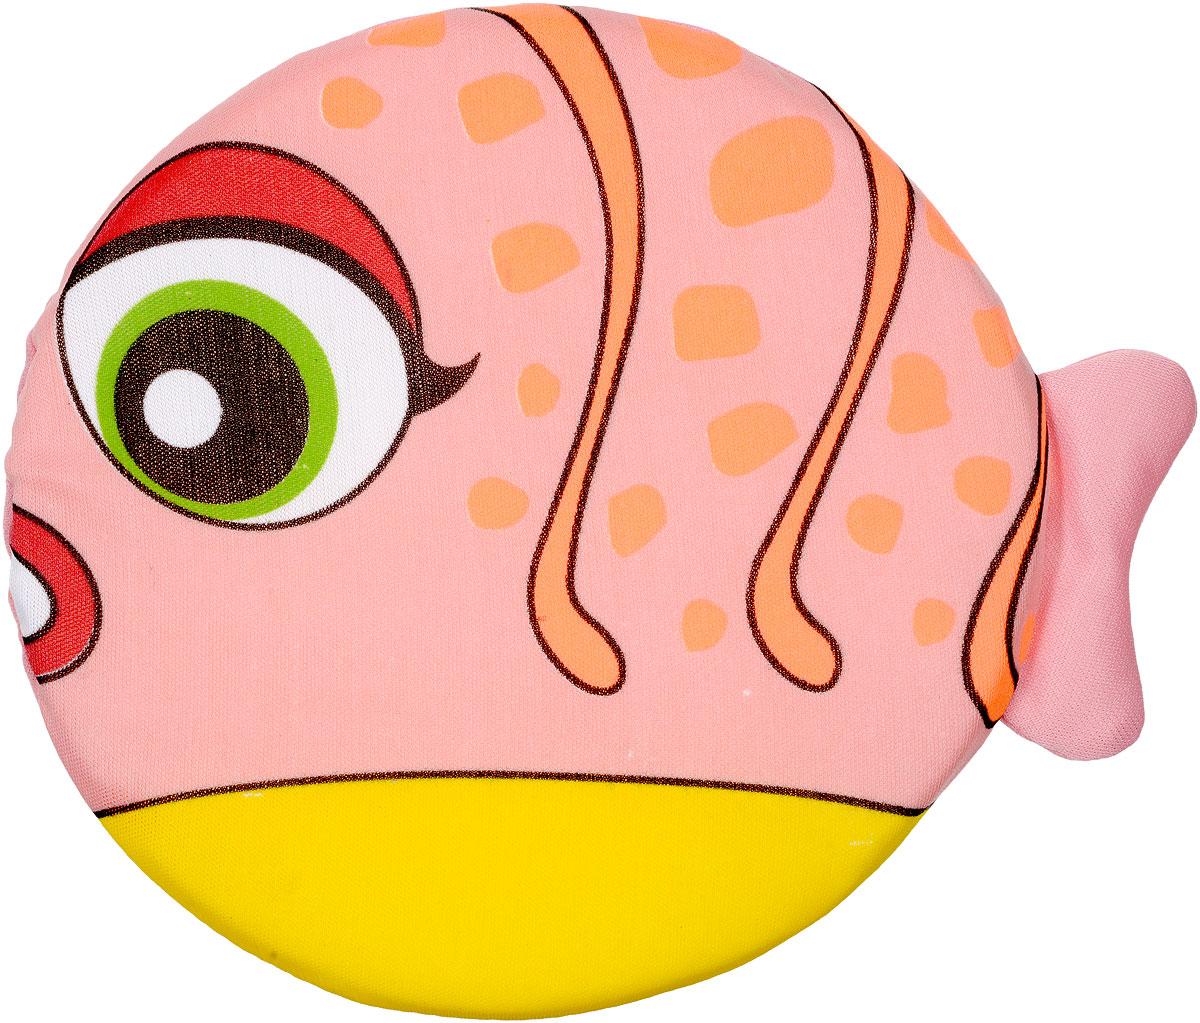 YG Sport Летающий диск Веселые животные Рыбка цвет розовый желтый оранжевыйYG08QЛетающий диск YG Sport Веселые животные. Рыбка, выполненный из мягкого материала, предназначен для игры на свежем воздухе. Он поможет вам и вашему ребенку весело и с пользой для здоровья провести время. Летающий диск способен поднять настроение всем! Каждый ребенок будет рад такому яркому и спортивному подарку.